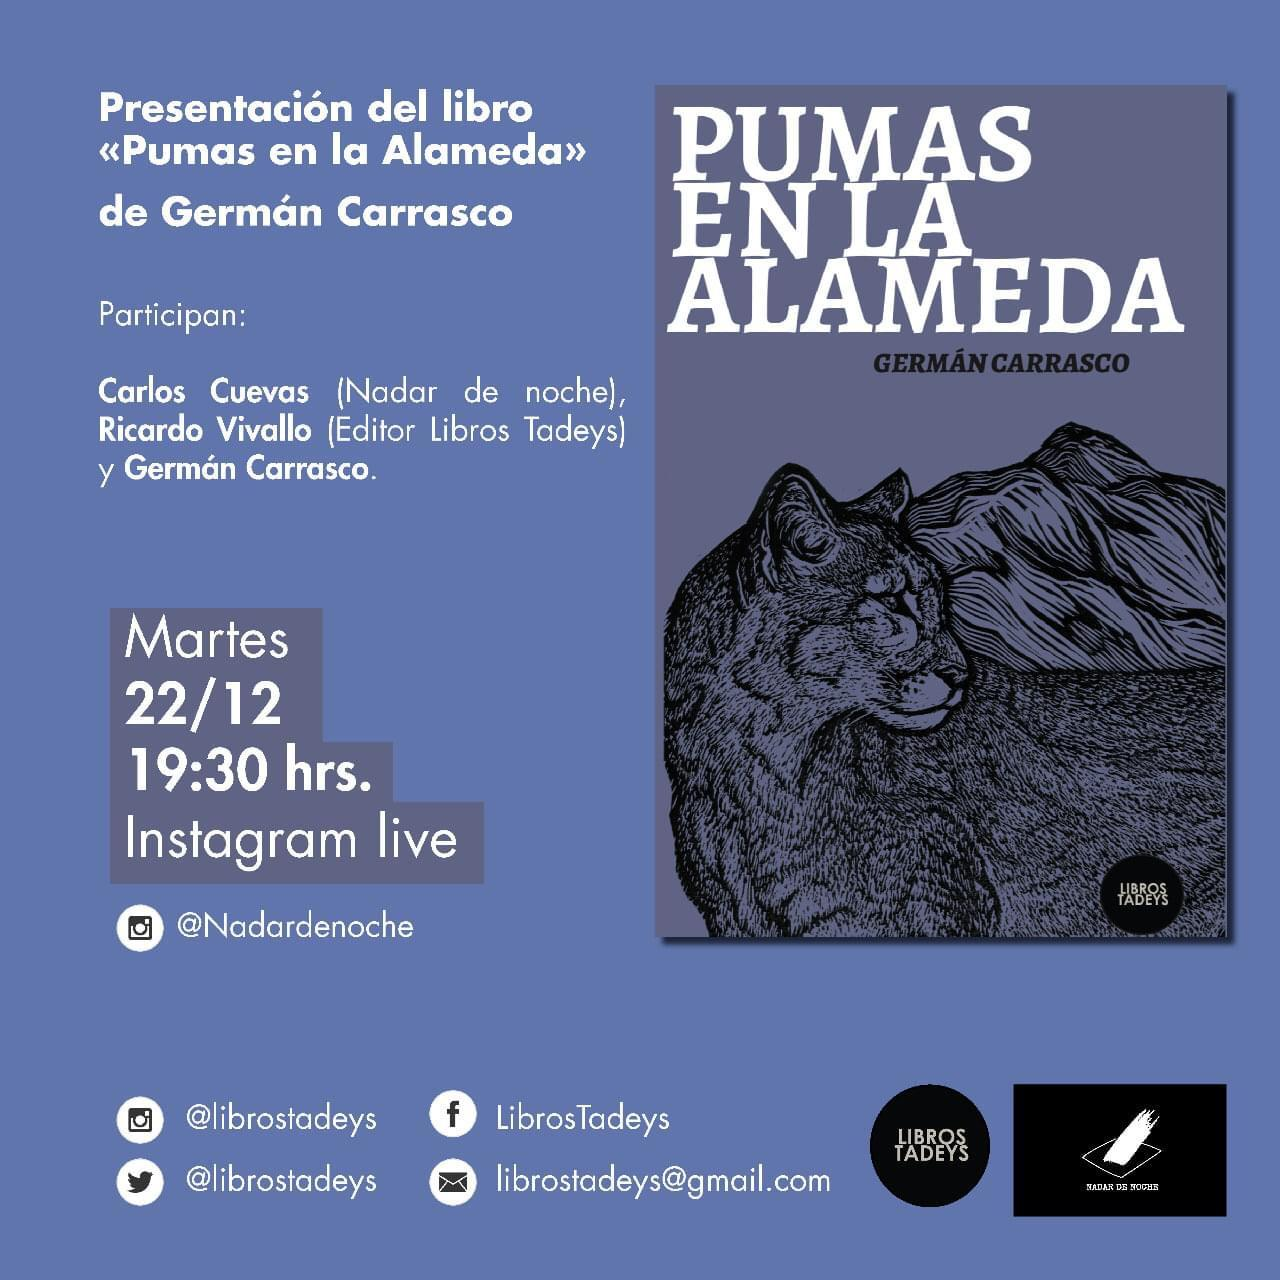 """""""Pumas en la Alameda"""": Invitan a la presentación del nuevo libro de Germán Carrasco"""